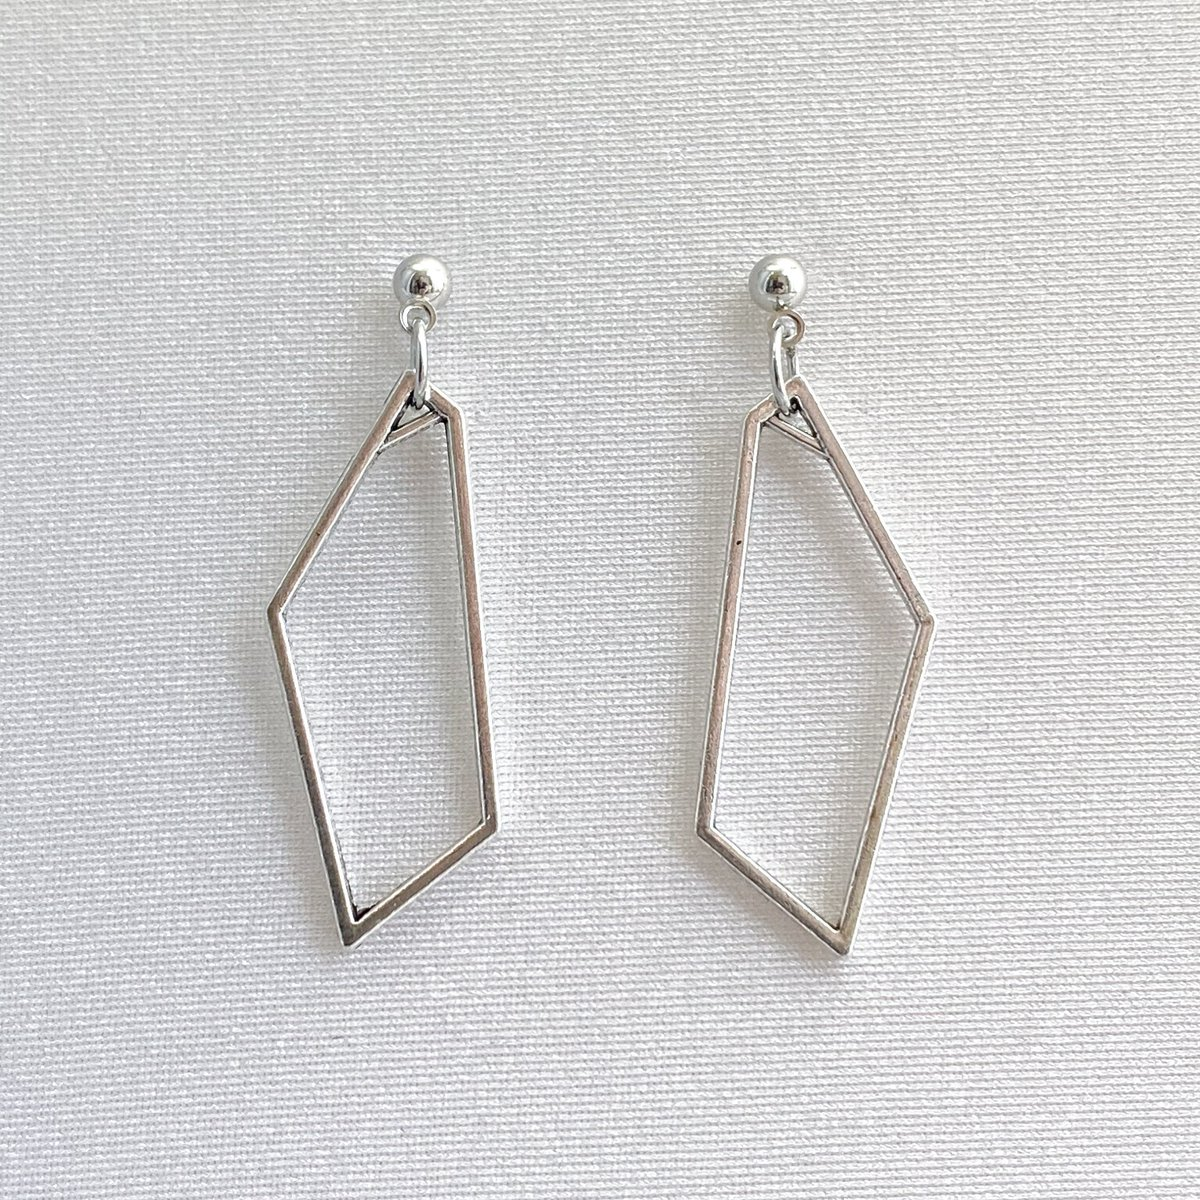 Open Polygon Earrings, Hollow Geometric Earrings, Silver Minimalist Earrings, Minimalist Jewelry, Silver Jewelry, Dangle Stud Earrings, S306 https://t.co/FZXJjX9l4I #FreeShipping #EtsyJewelry #Earrings #Handmade #GiftforHer #GeometricJewelry https://t.co/2cgHV1urvW